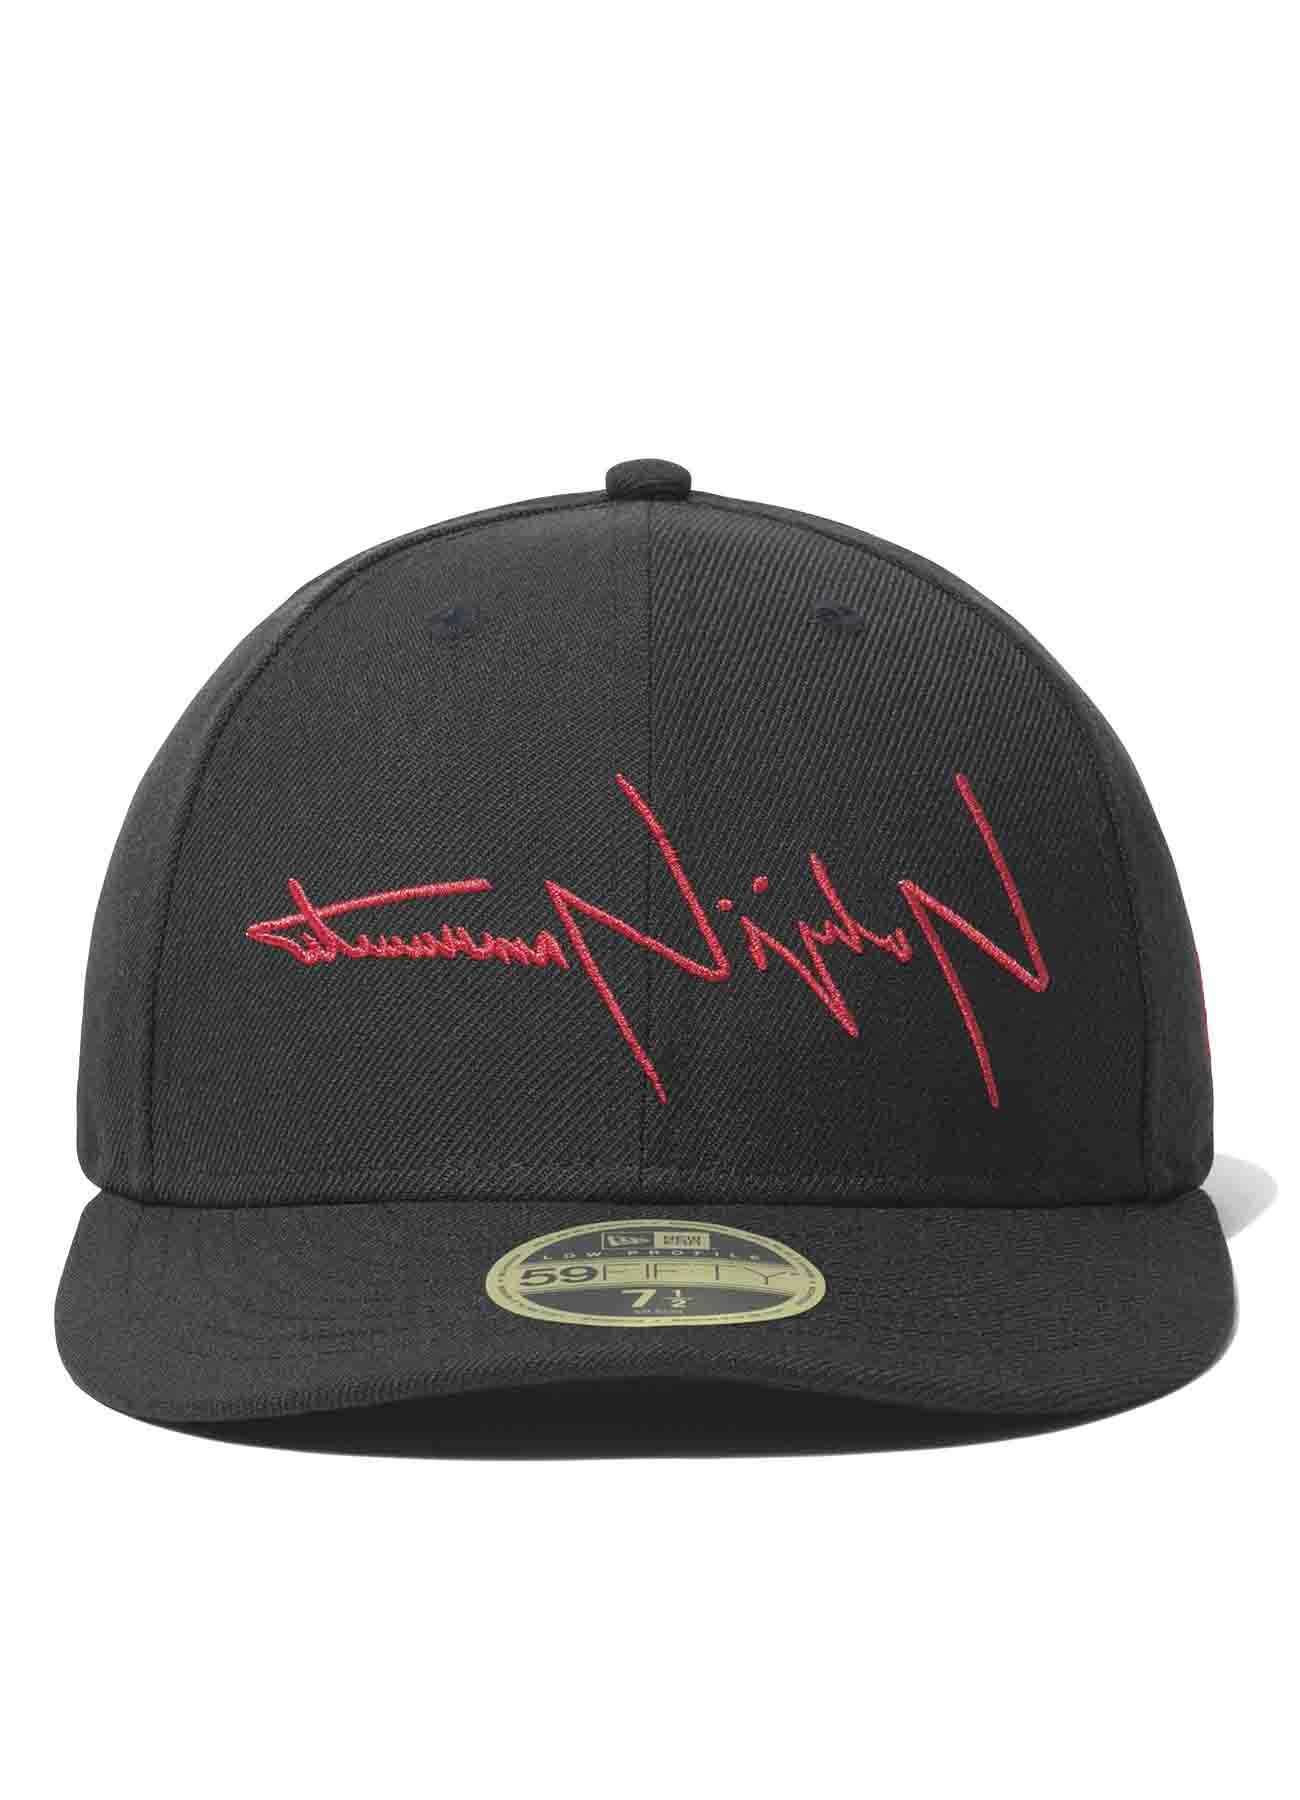 Yohji Yamamoto x New Era LP59FIFTY Black Serge Reverse Logo